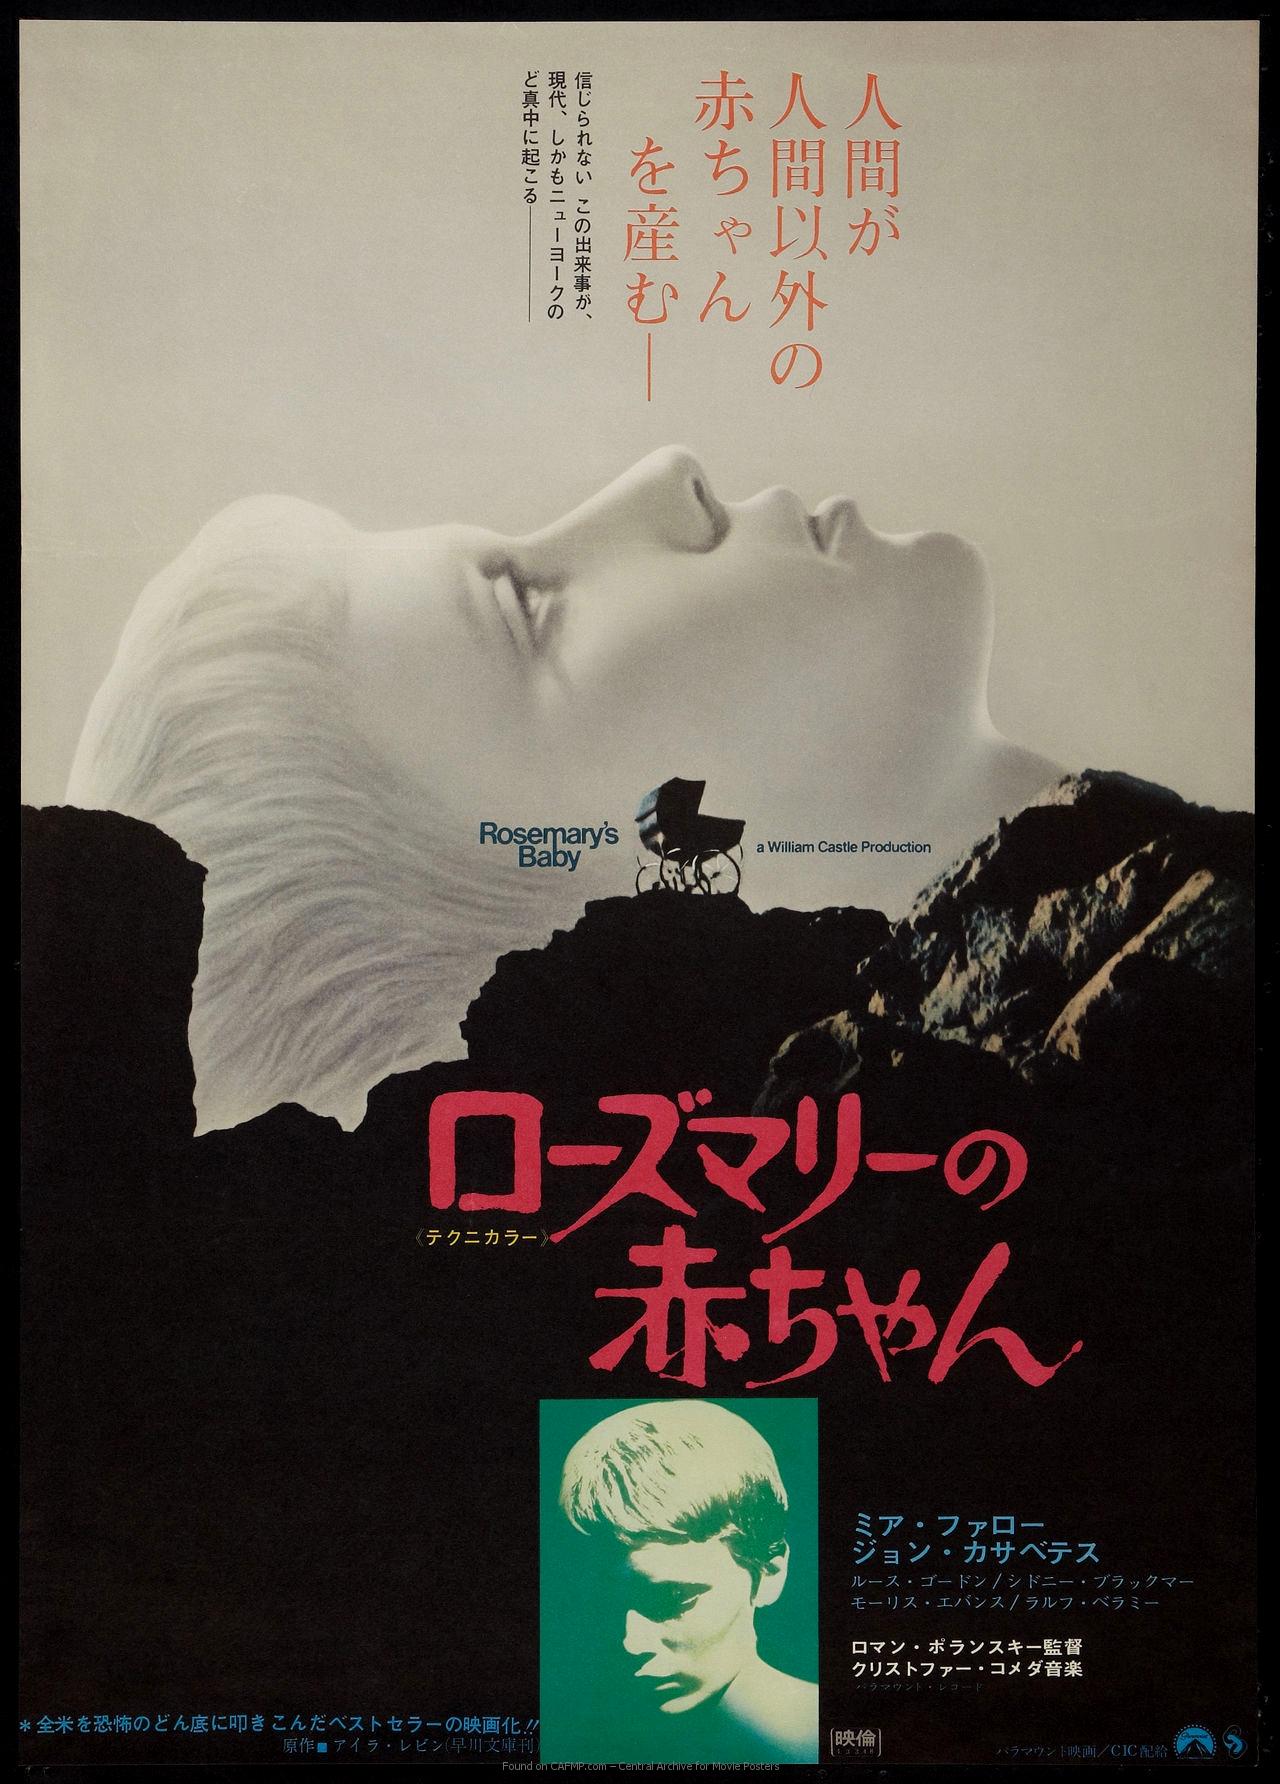 ロマン・ポランスキー監督のローズマリーの赤ちゃんという映画